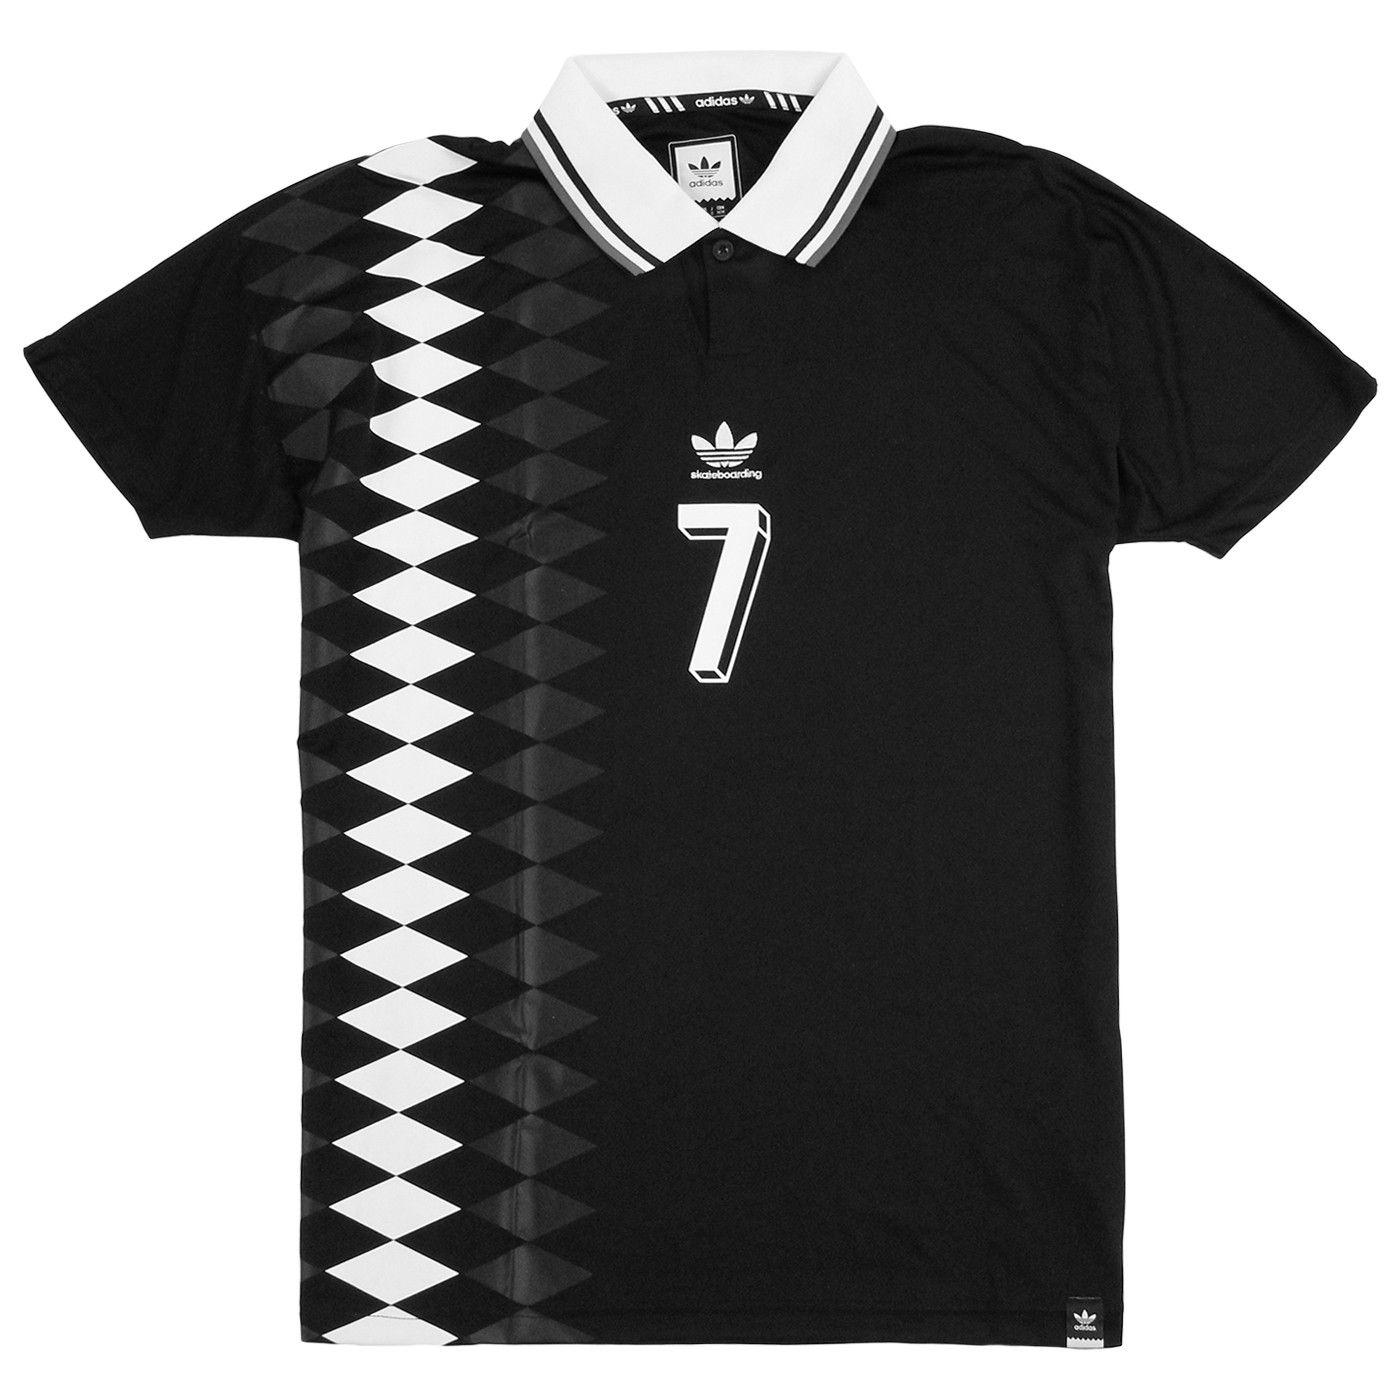 Adidas Skateboarding Lucas Copa Spain Jersey in Black  46a5f2d9f33e5